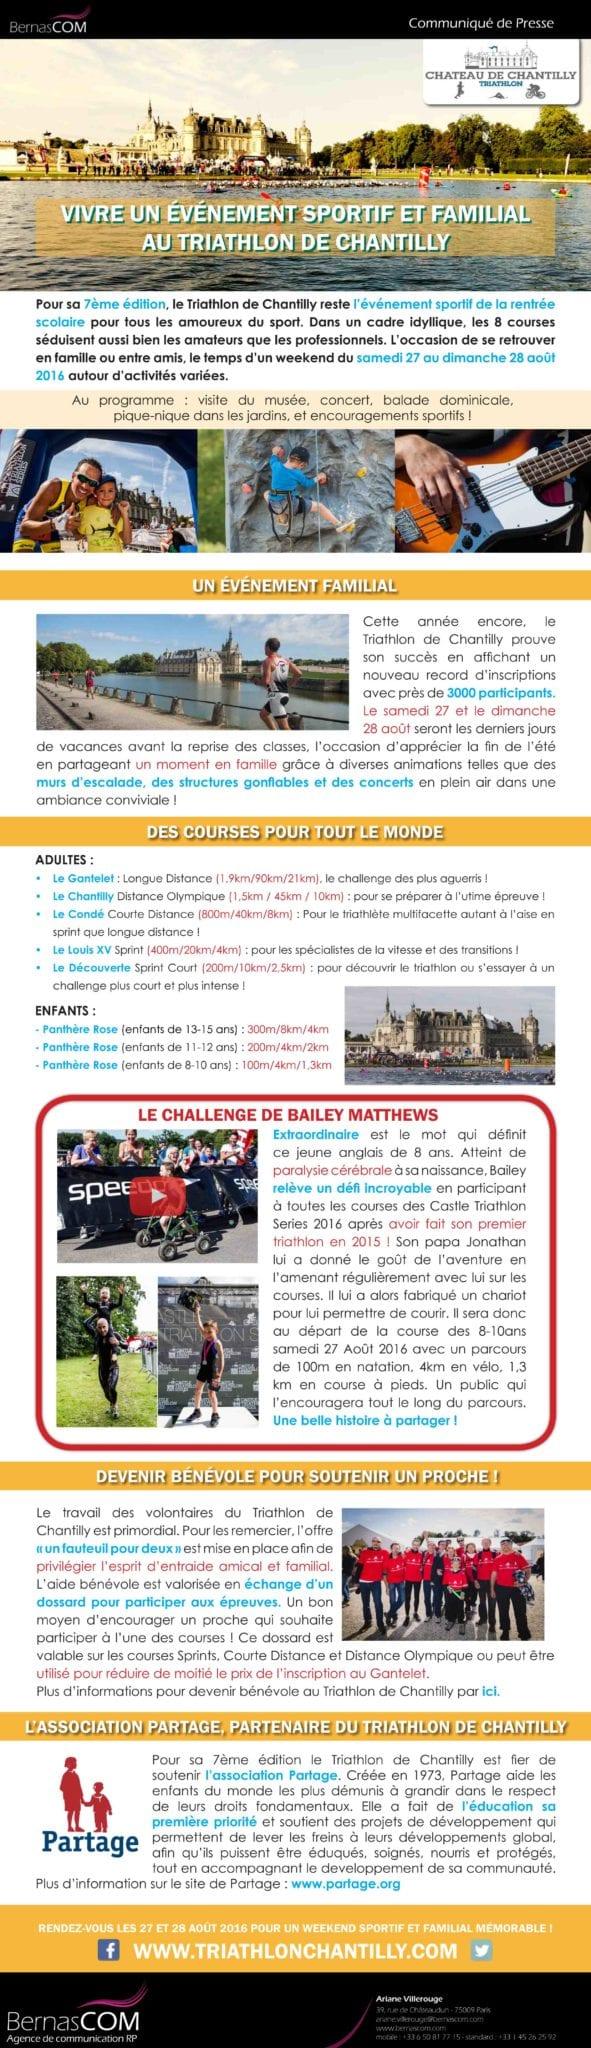 Triathlon de Chantilly_CP_Famille_2016